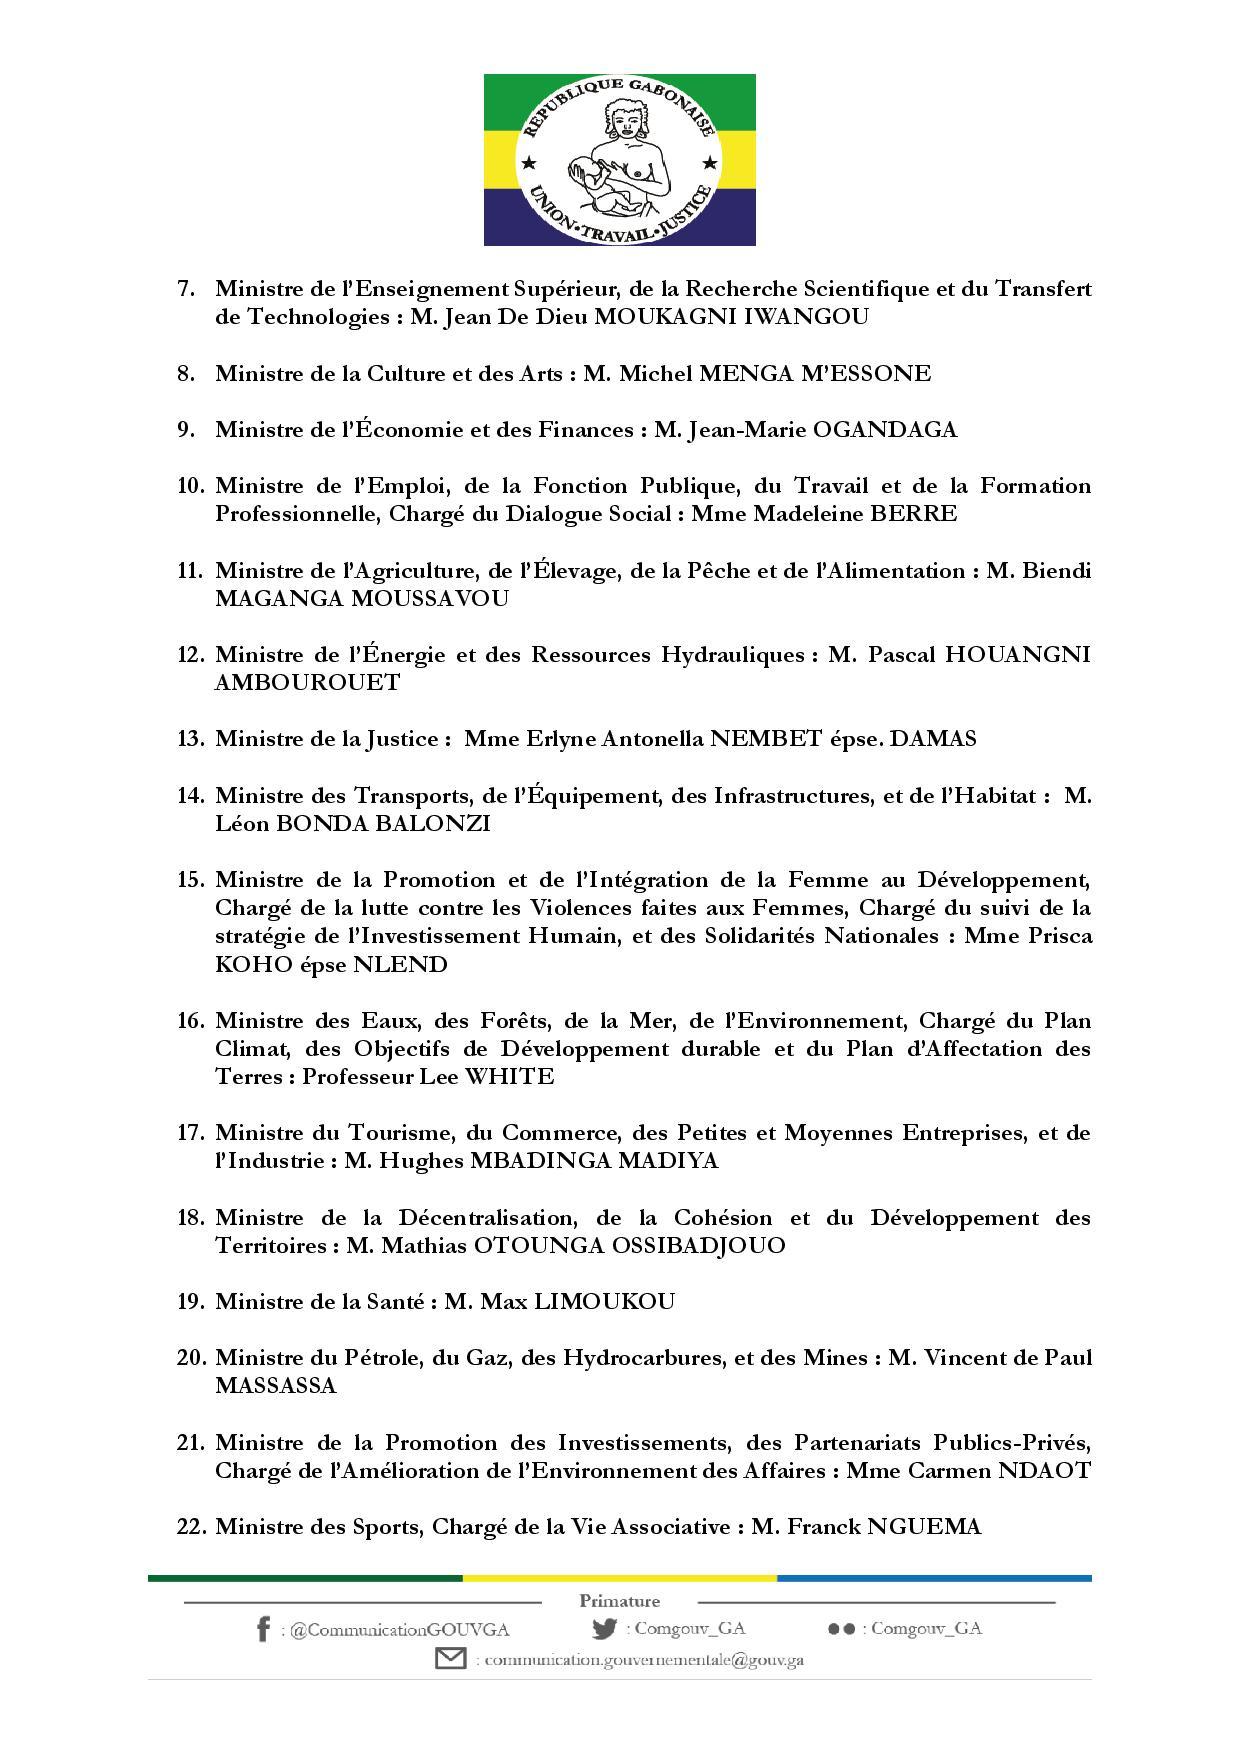 Composition du nouveau gouvernement_02122019-page-002